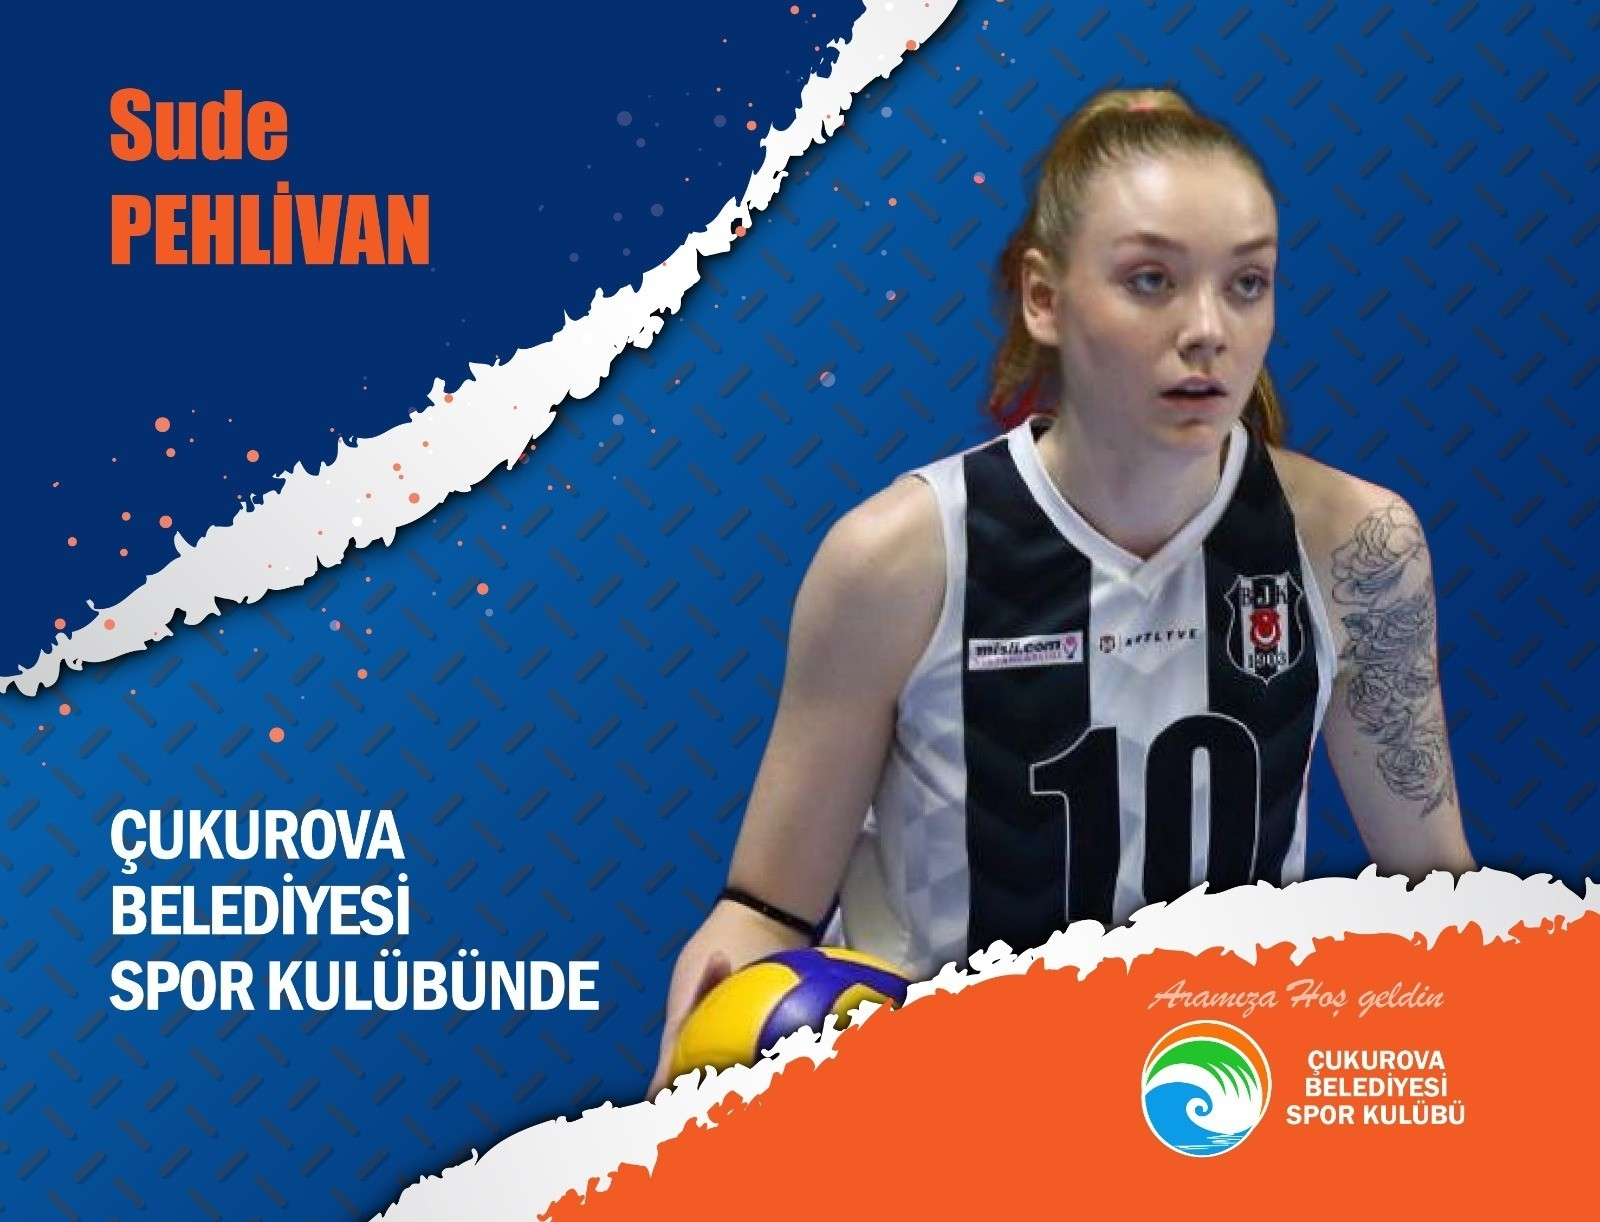 2021/06/cukurova-belediyesi-spor-kulubunden-6-transfer-20210607AW33-1.jpg